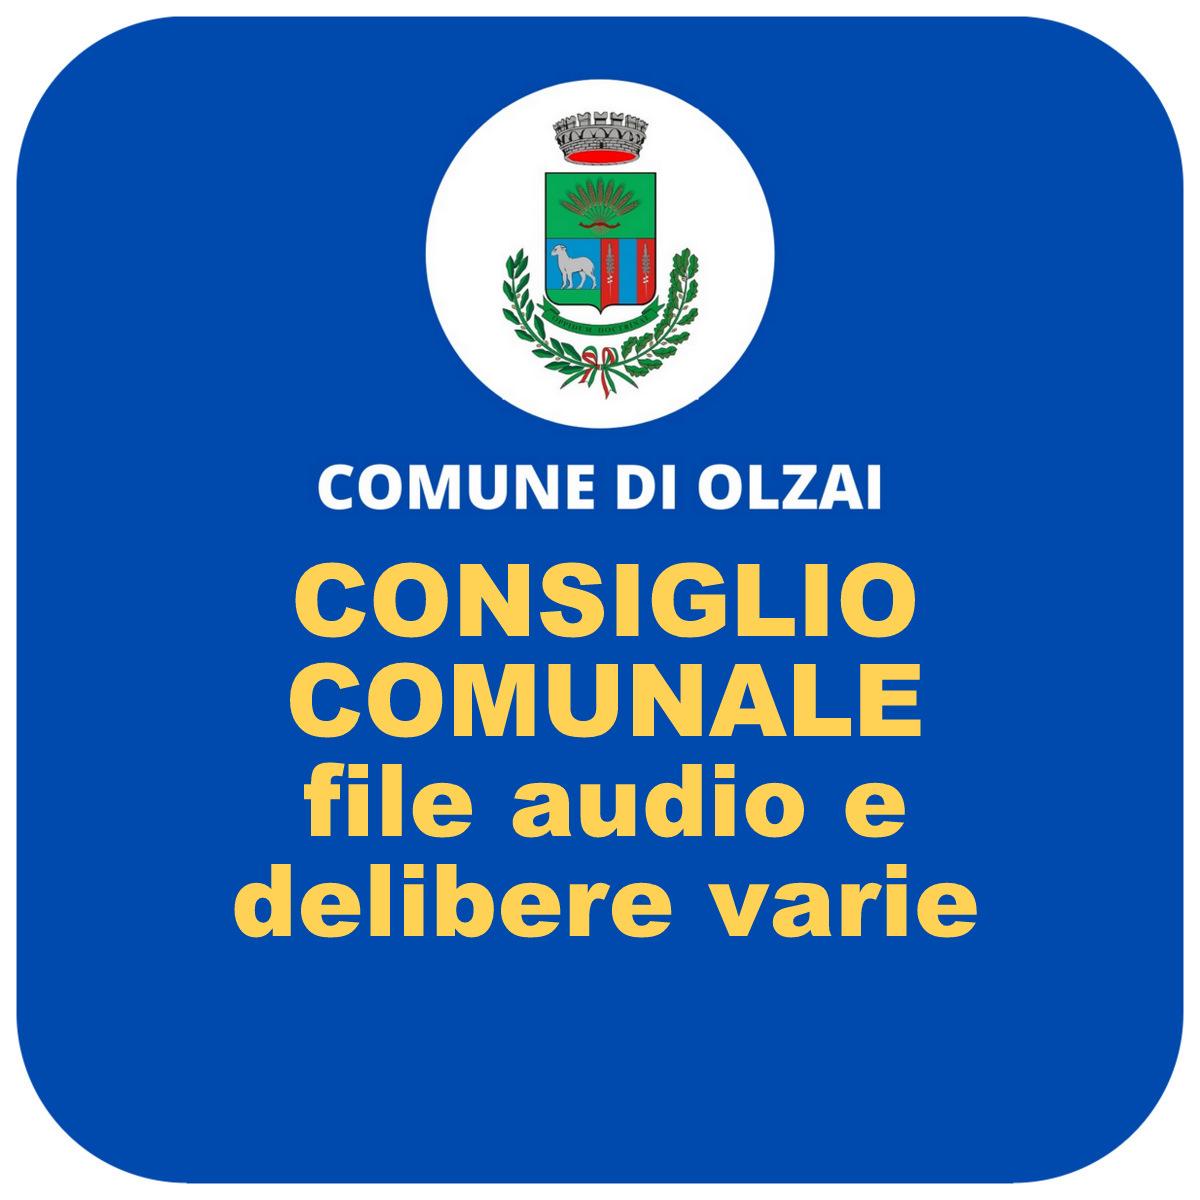 DELIBERE VARIE e FILE AUDIO SEDUTE CONSIGLIO COMUNALE DI OLZAI